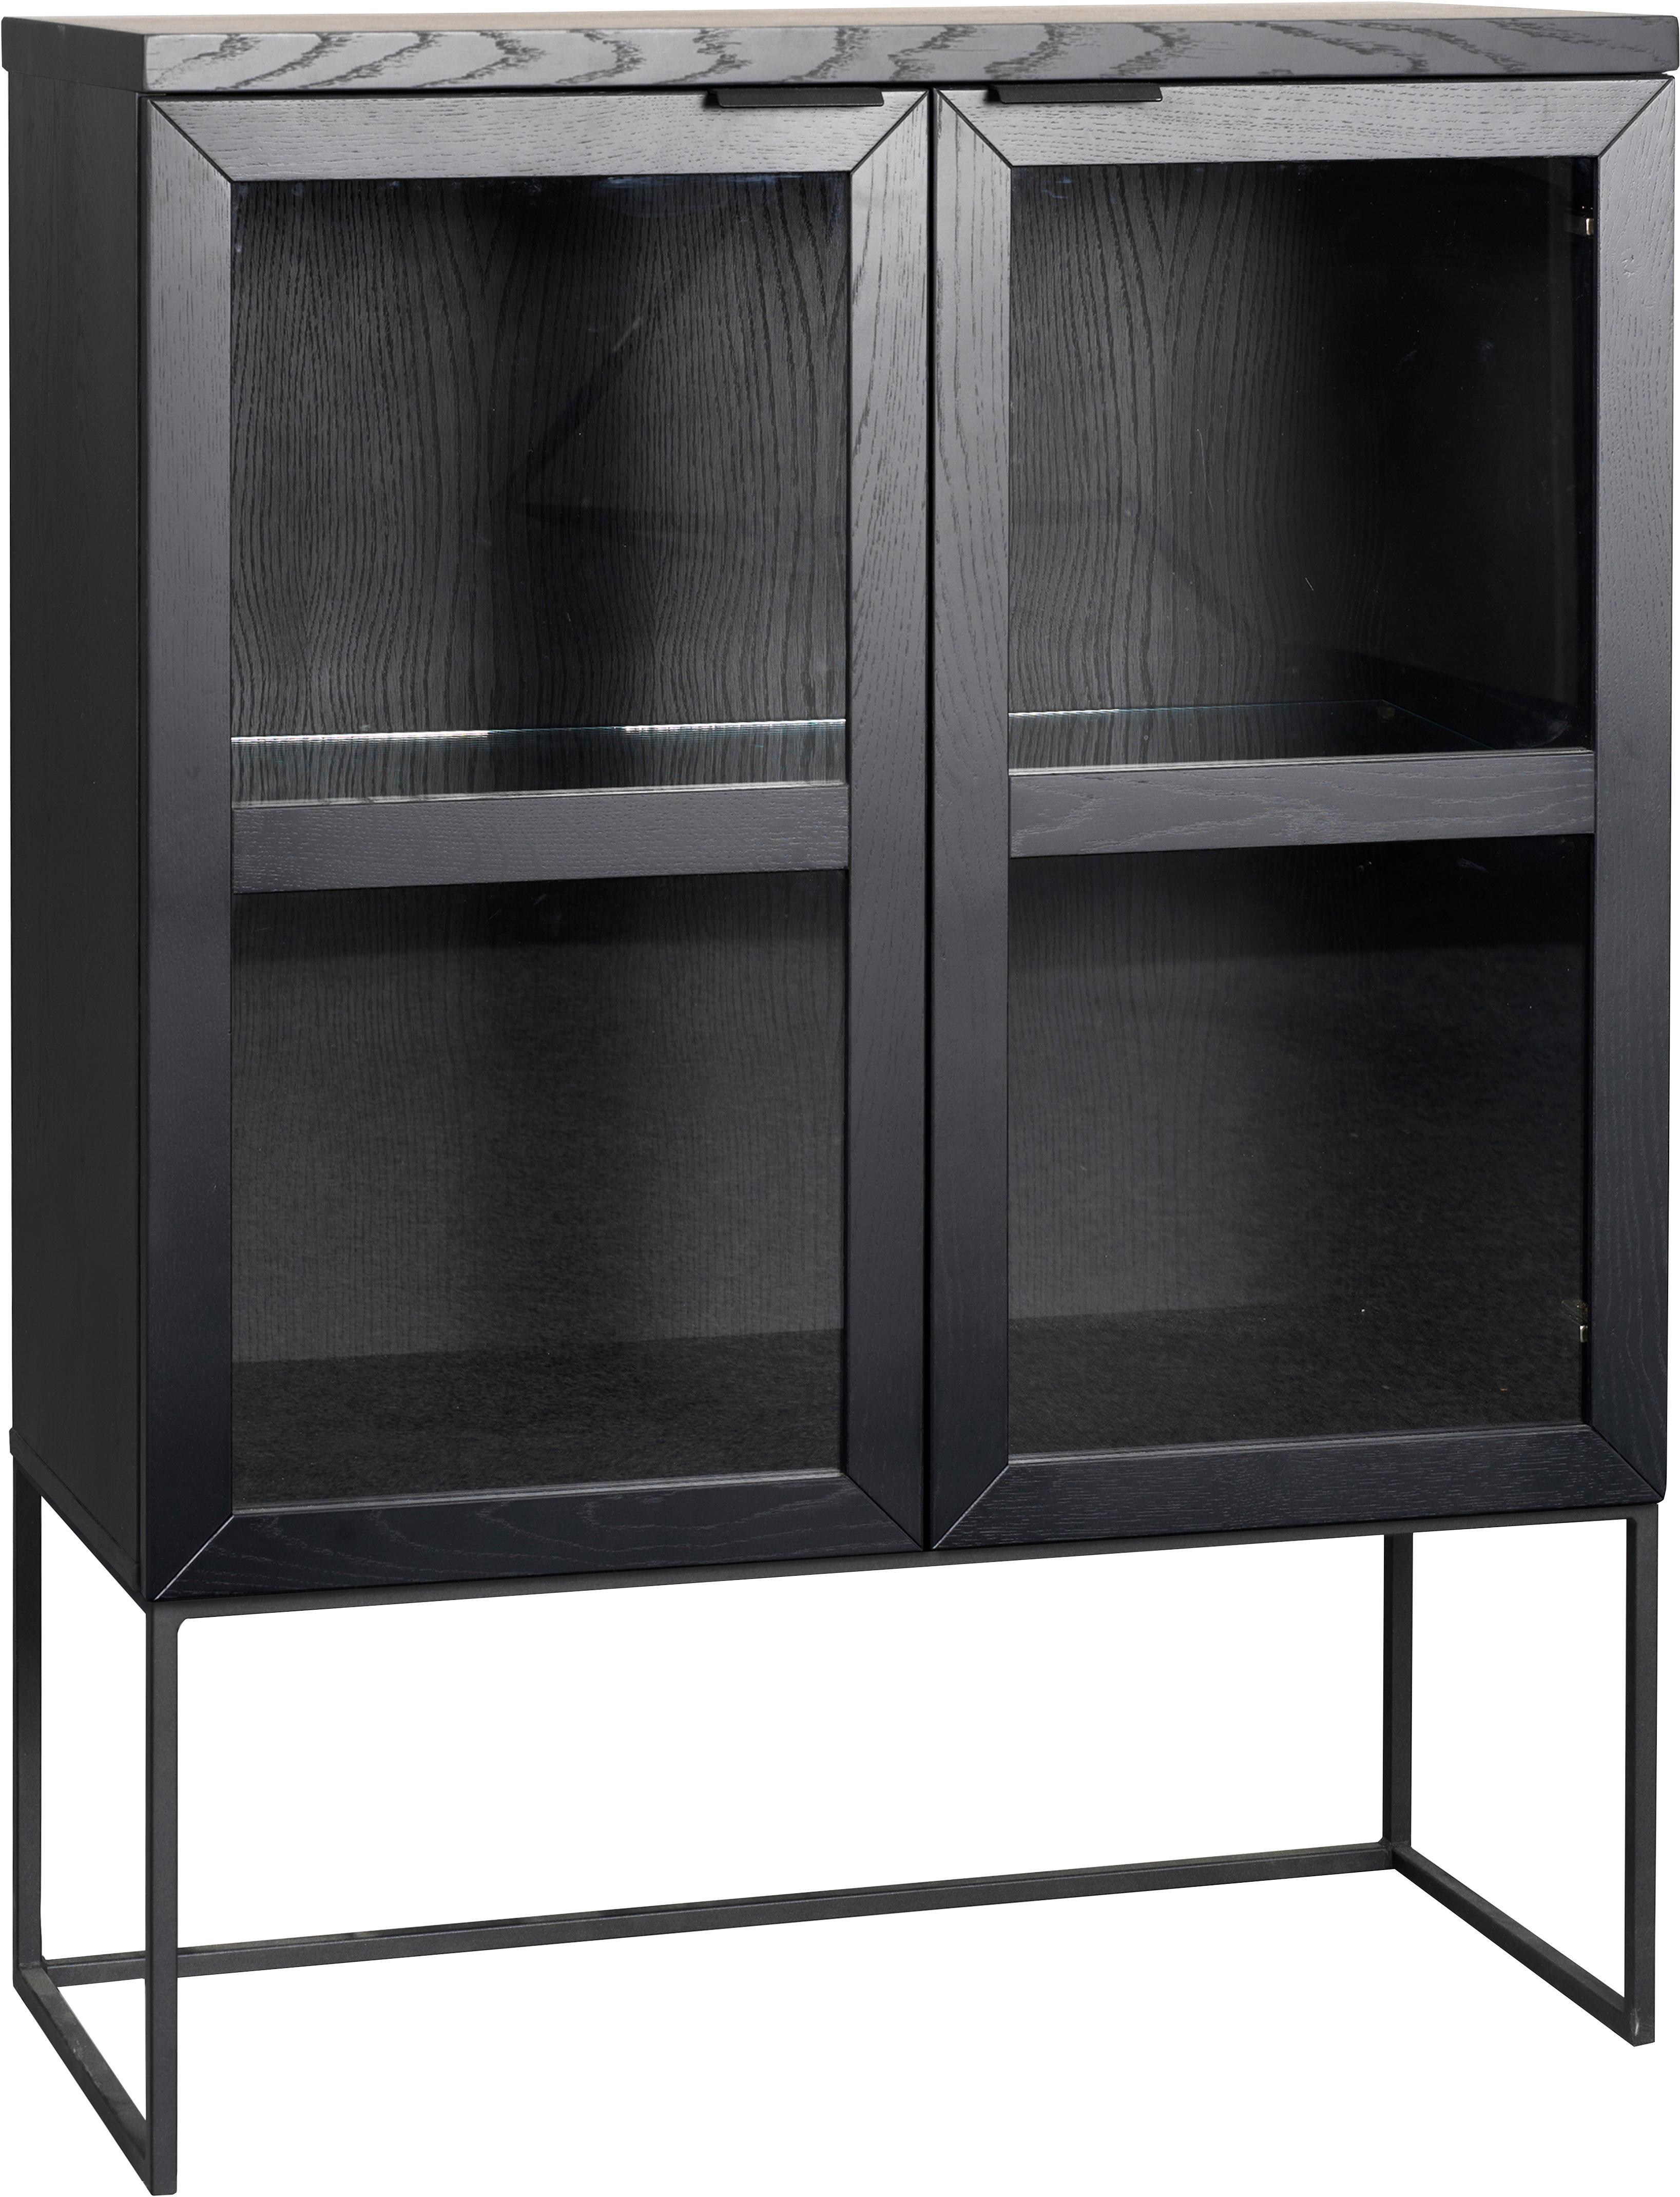 Credenza alta con ante in vetro Everett, Struttura: metallo laccato, Nero, Larg. 95 x Alt. 125 cm